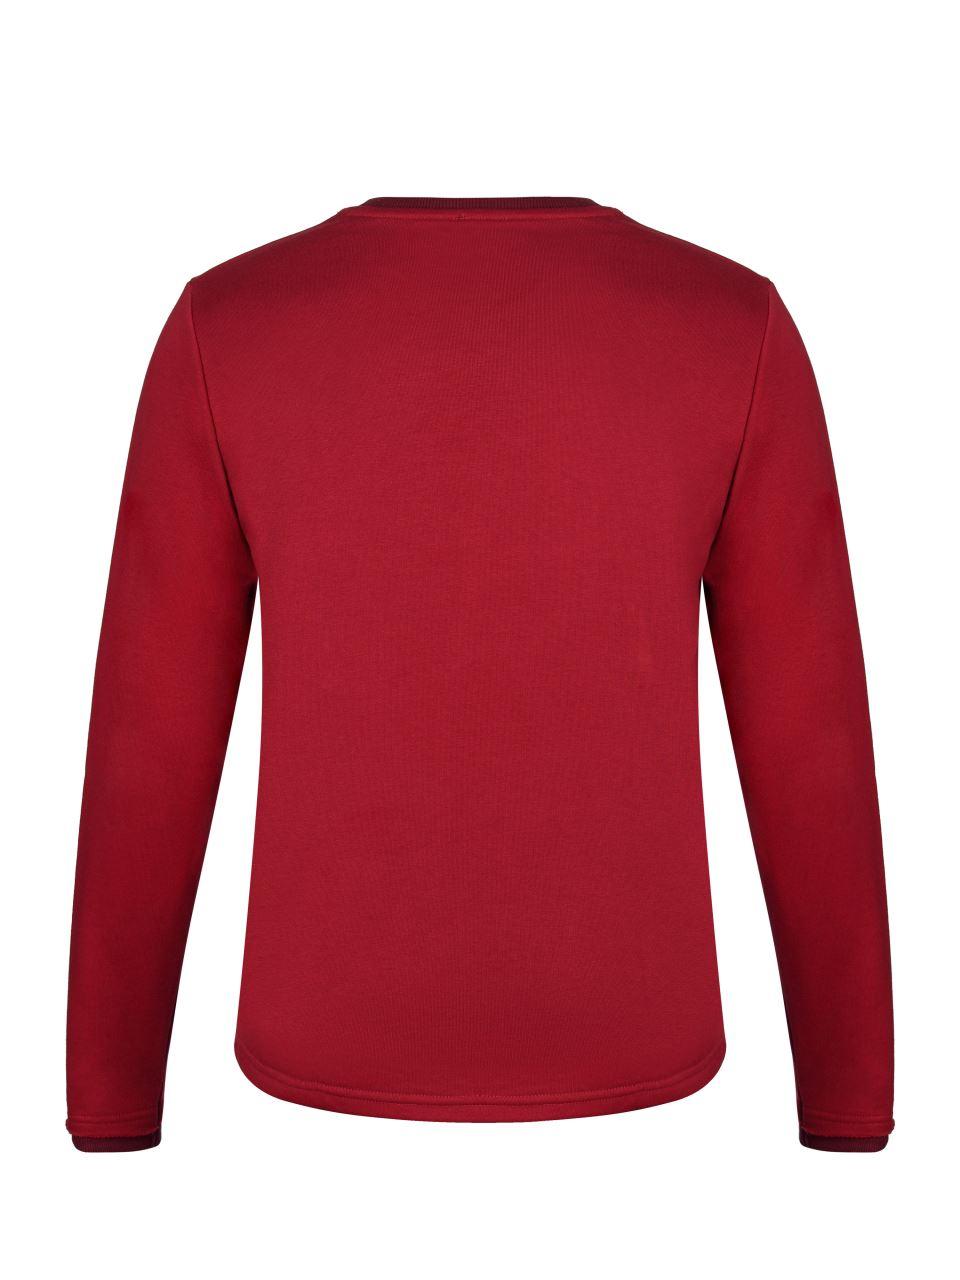 E85070 Sweatshirt